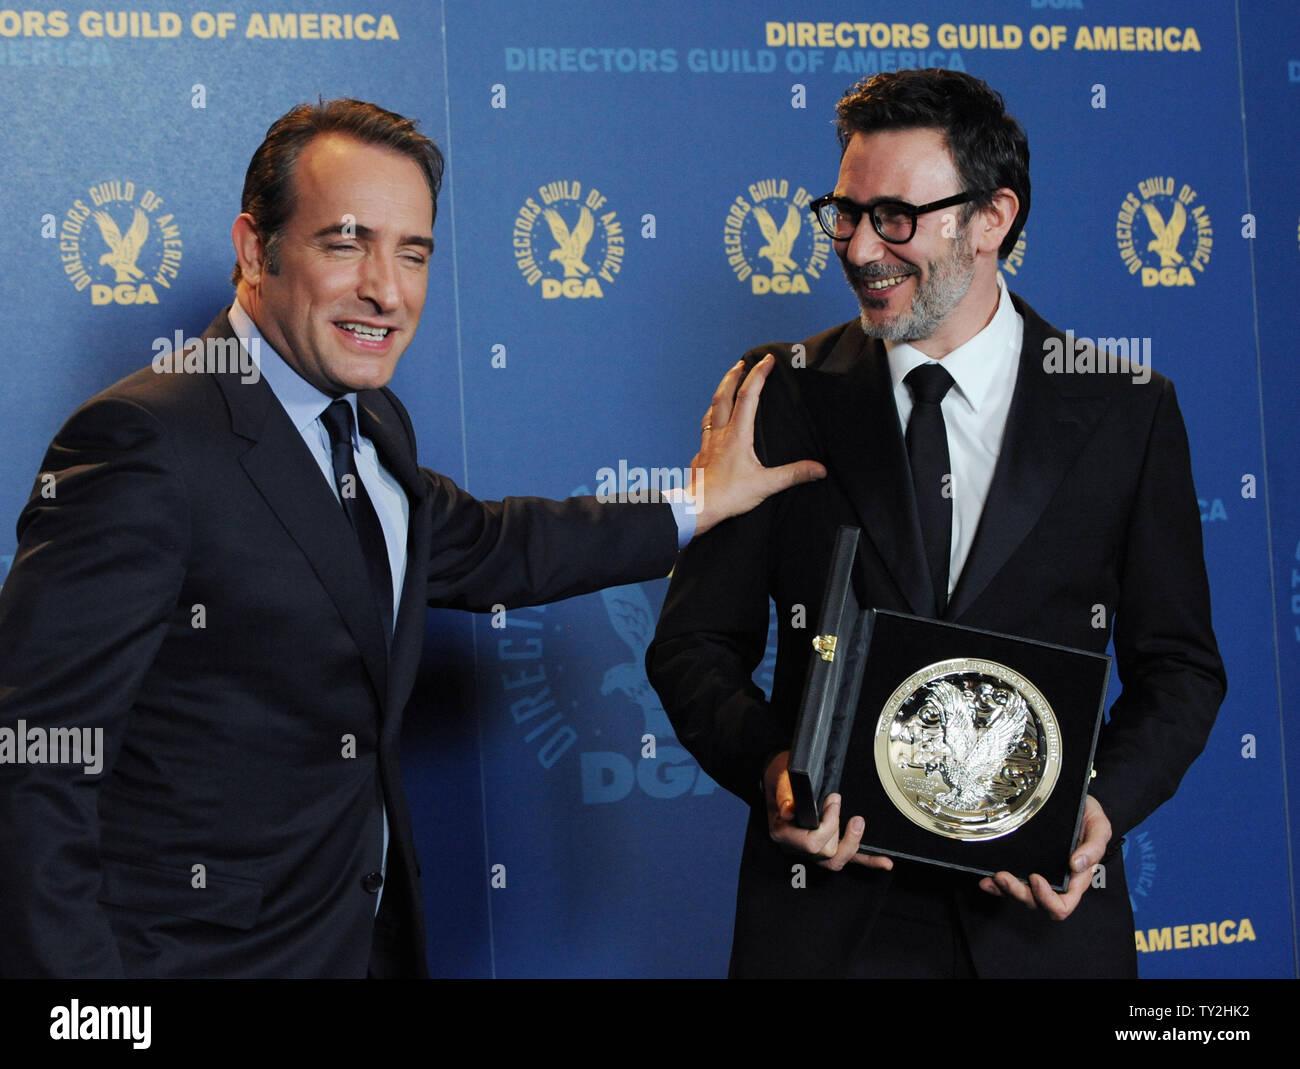 Michel Hazanavicius, director de 'El artista', aparece backstage con Cast Member Jean Dujardin en la 64ª anual de Directors Guild of America Awards en Los Angeles el 28 de enero de 2012. UPI/Jim Ruymen Imagen De Stock